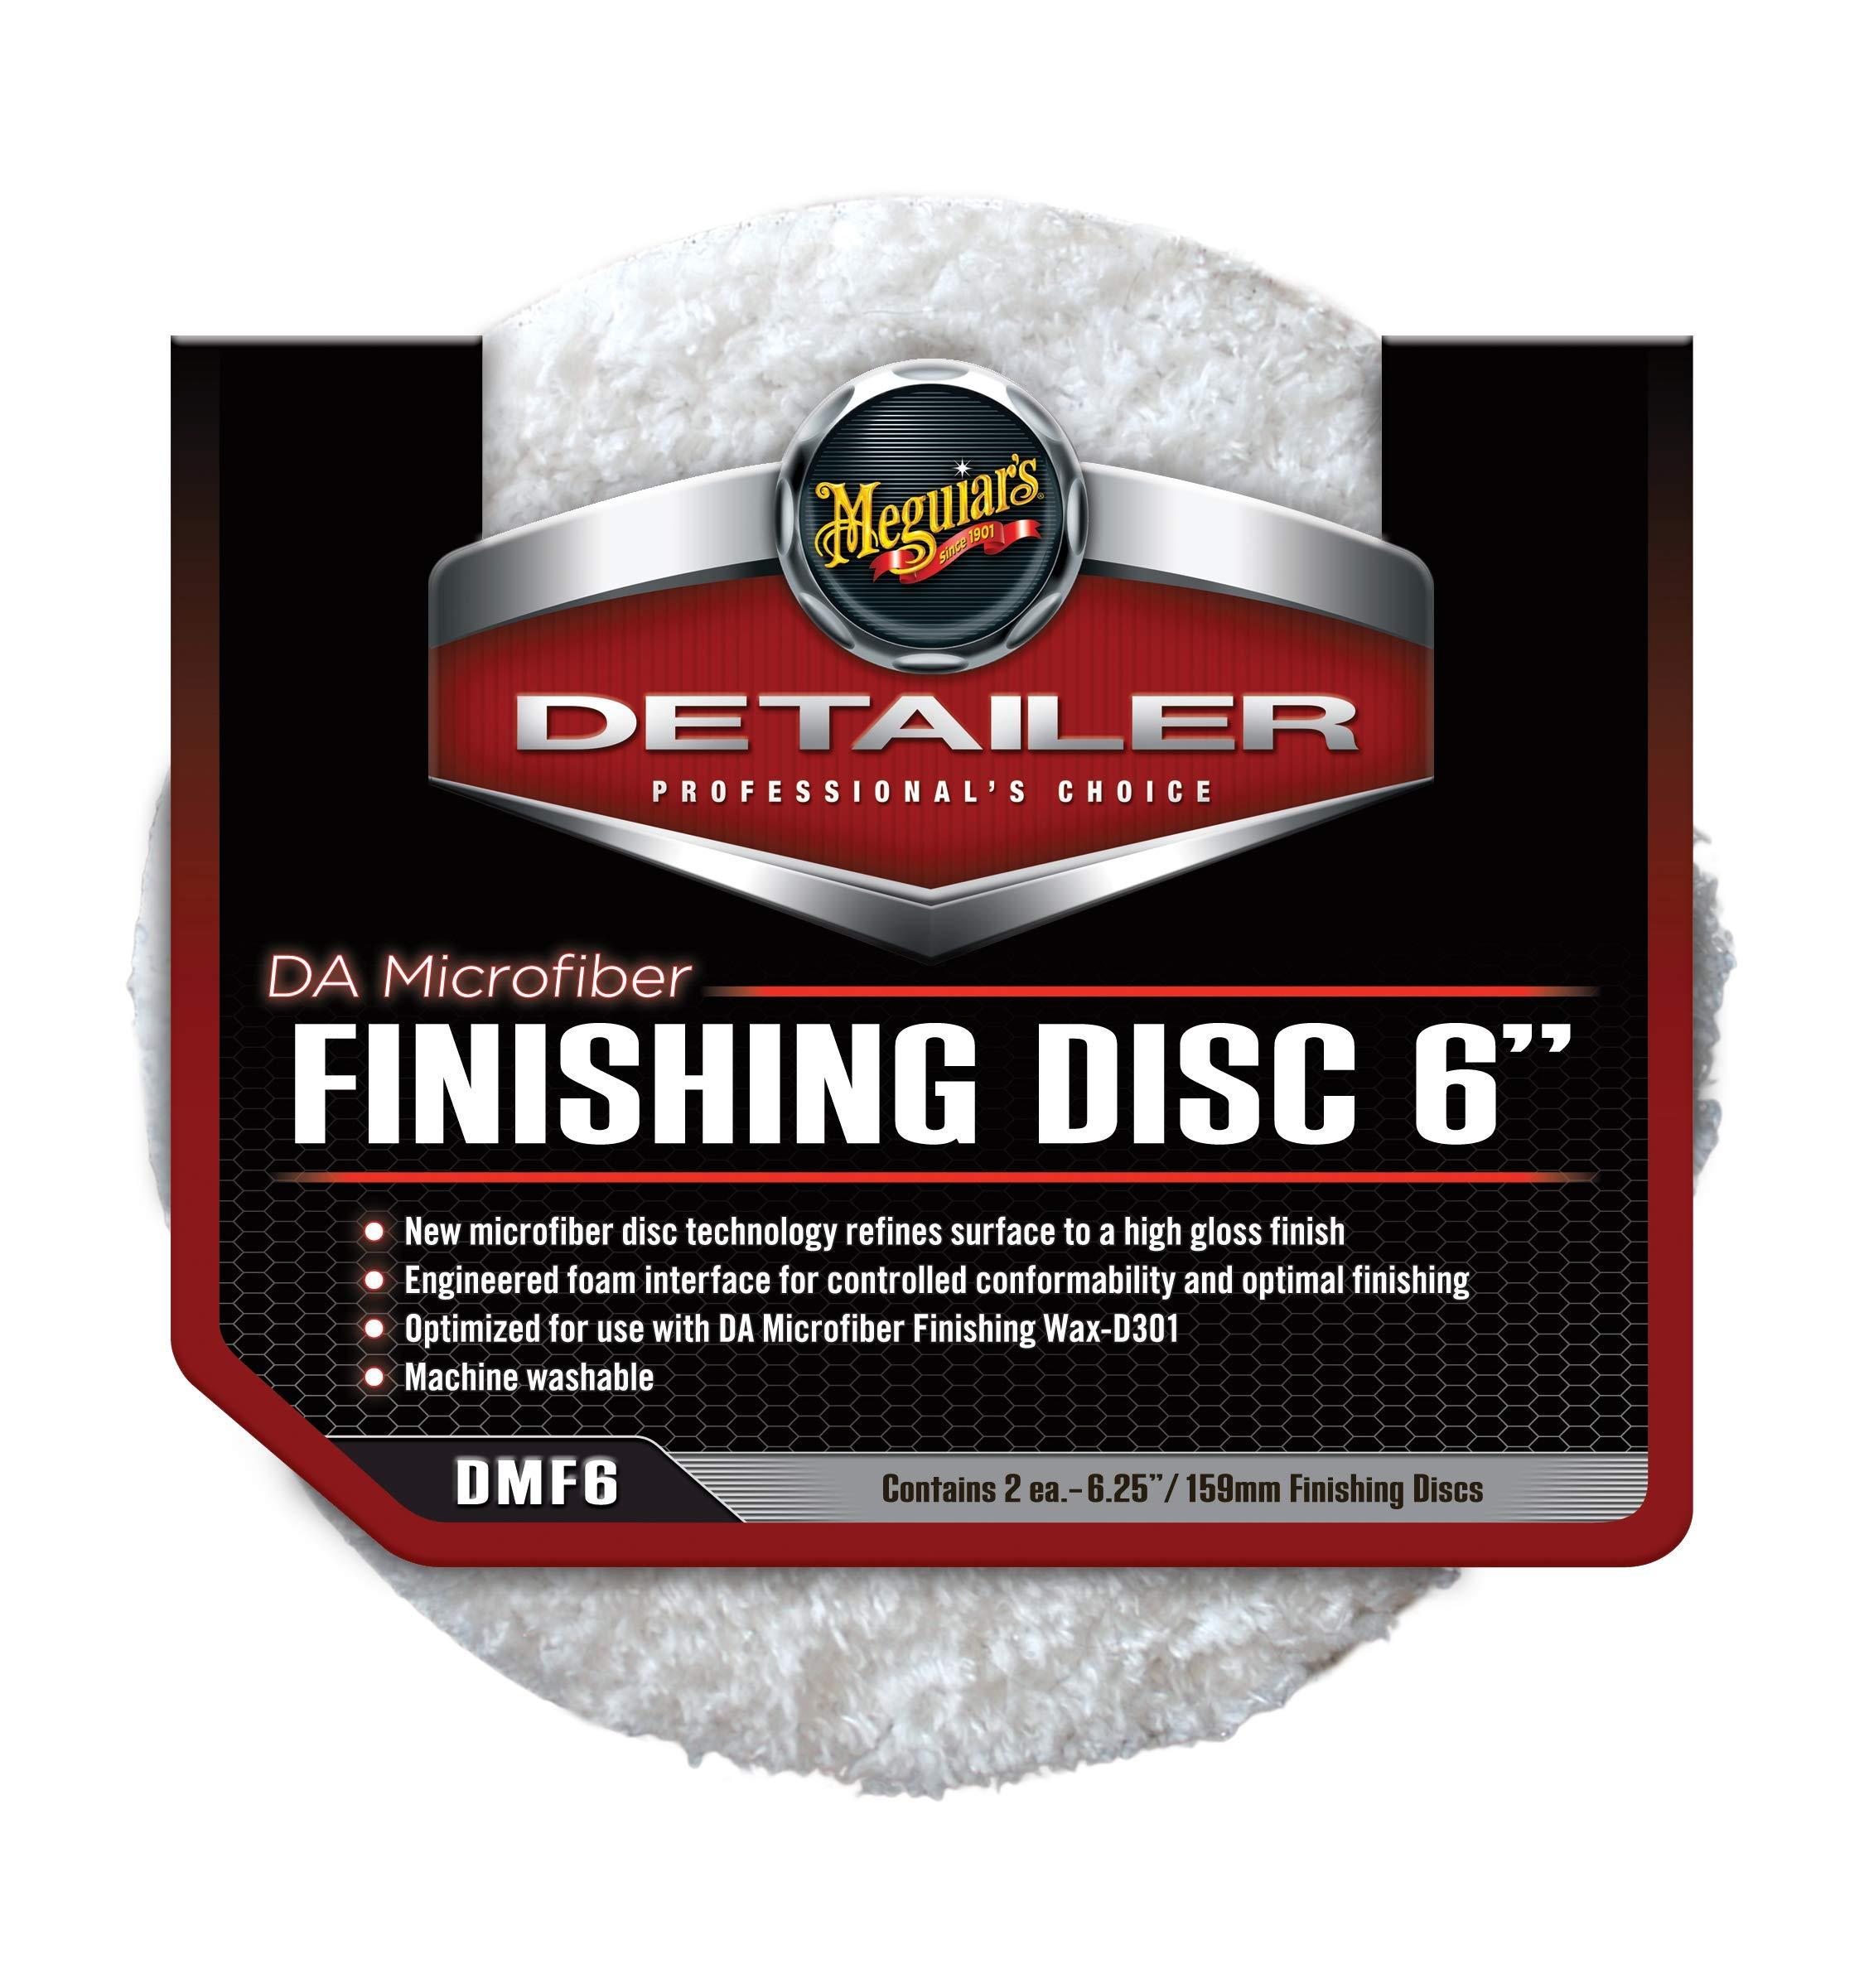 Meguiar's DMF6 DA 6'' Microfiber Finishing Disc, 2 Pack